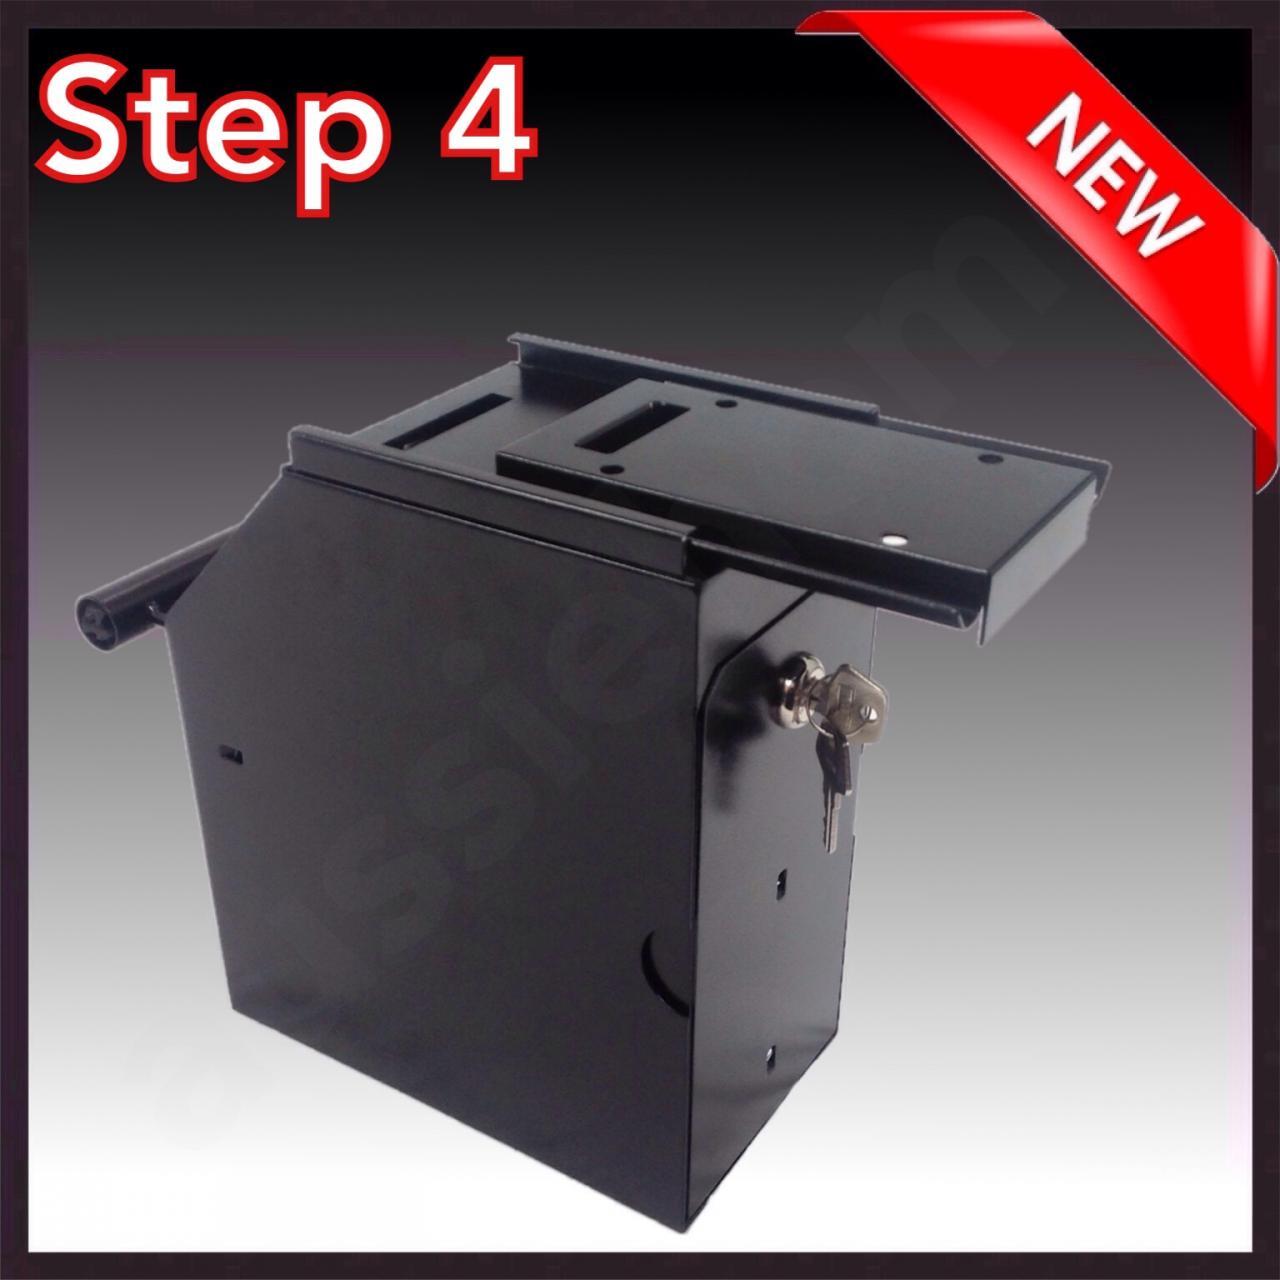 KASA pos safe box